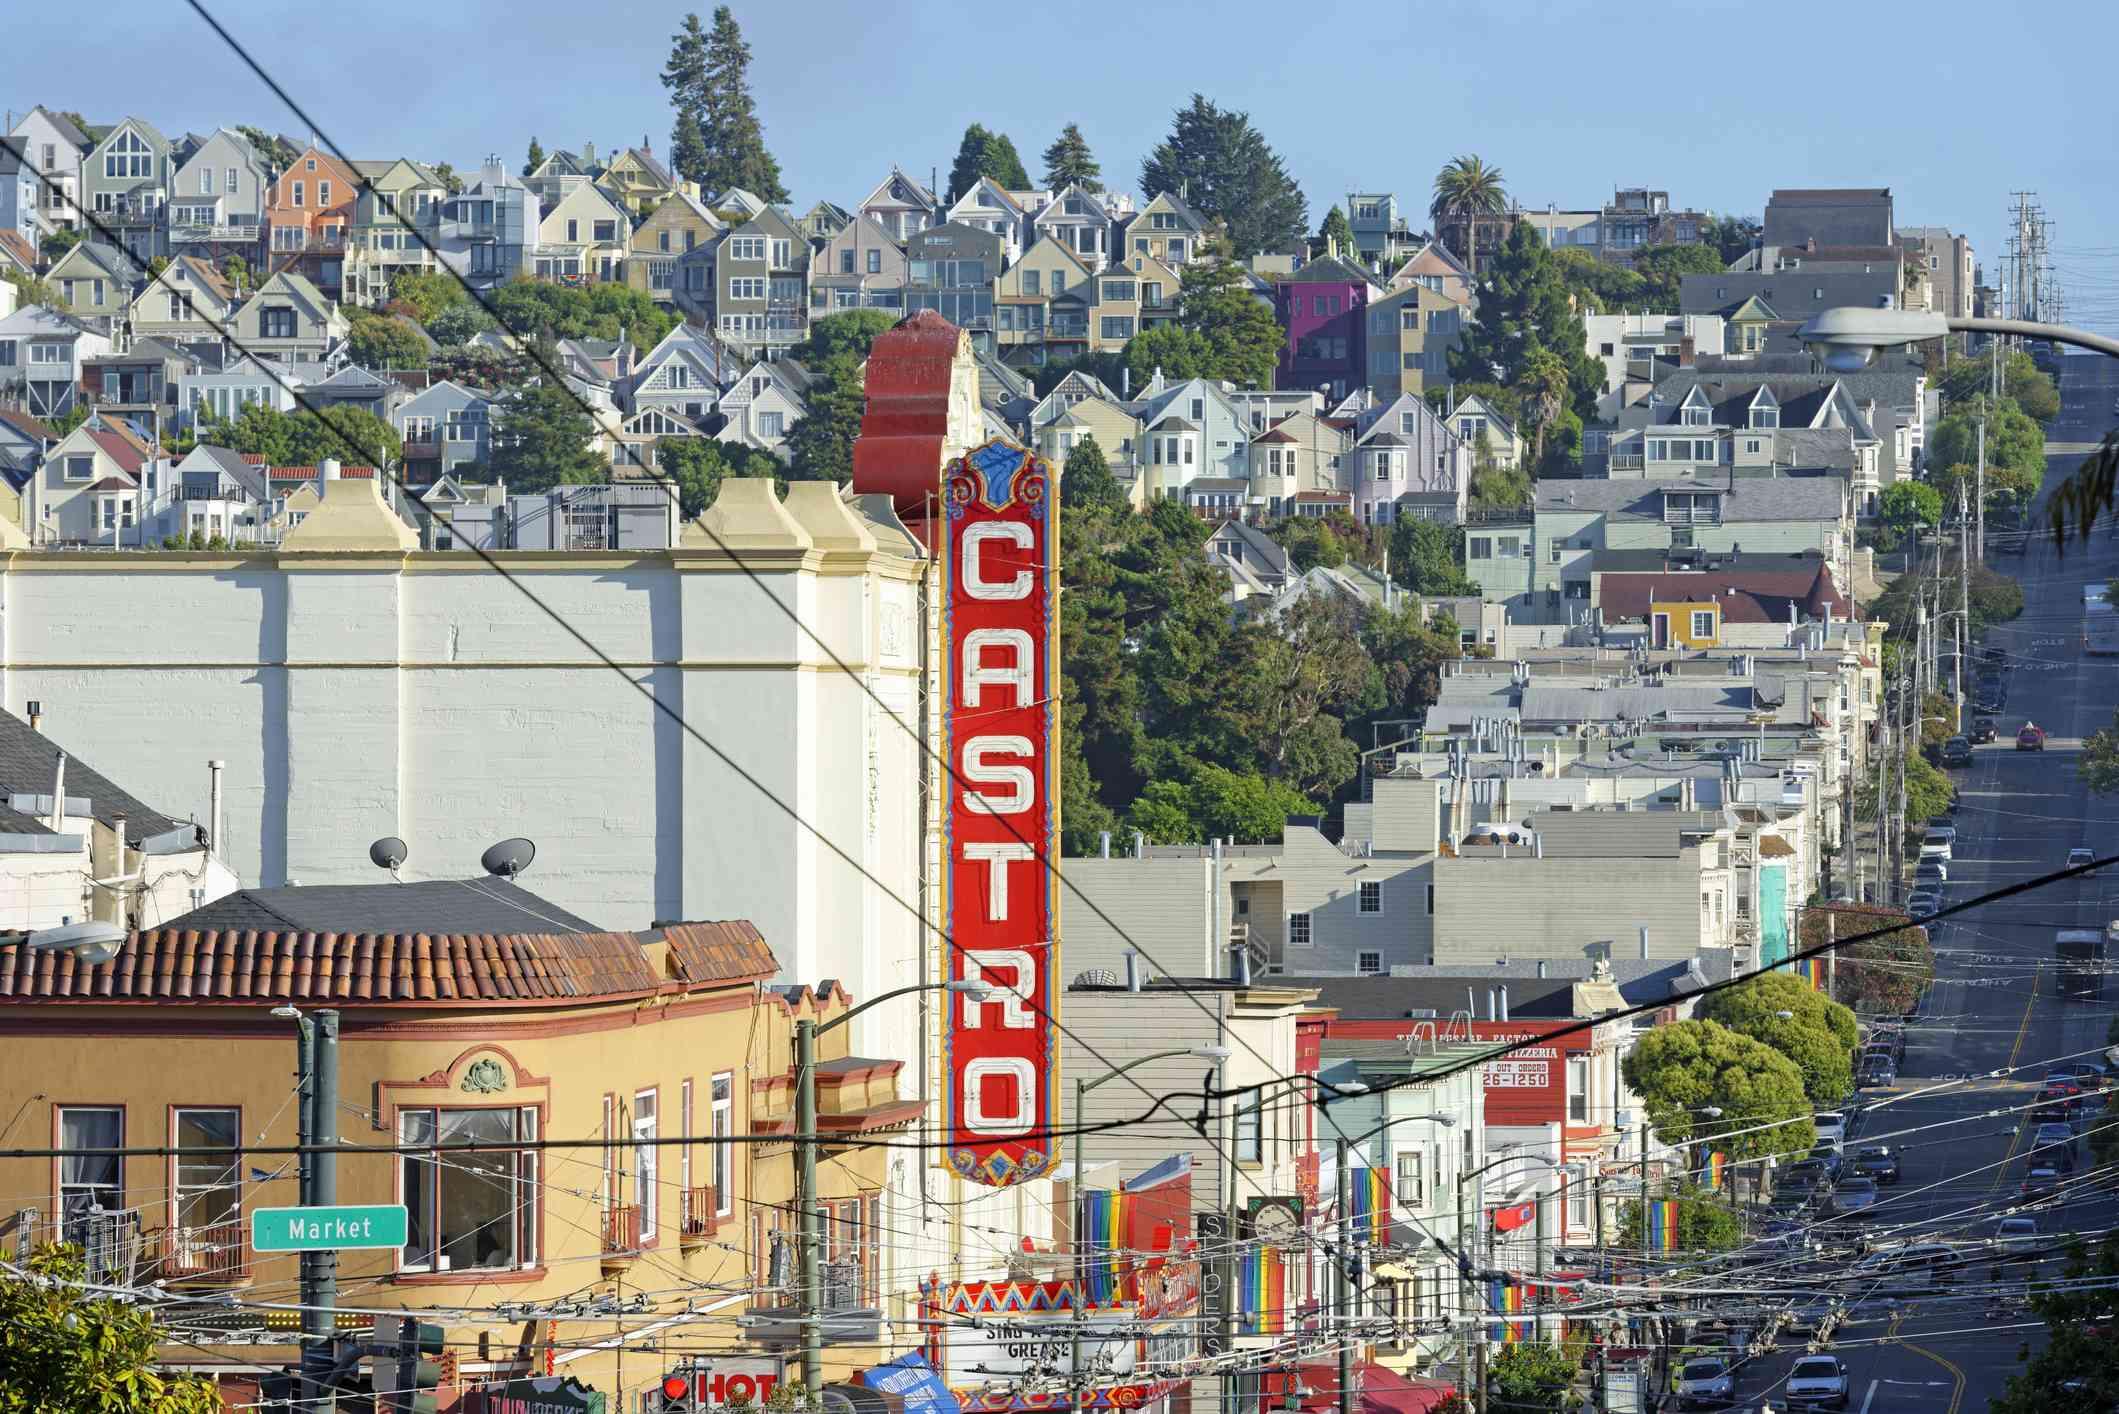 Iconic Castro, San Francisco, California, United States of America, North America